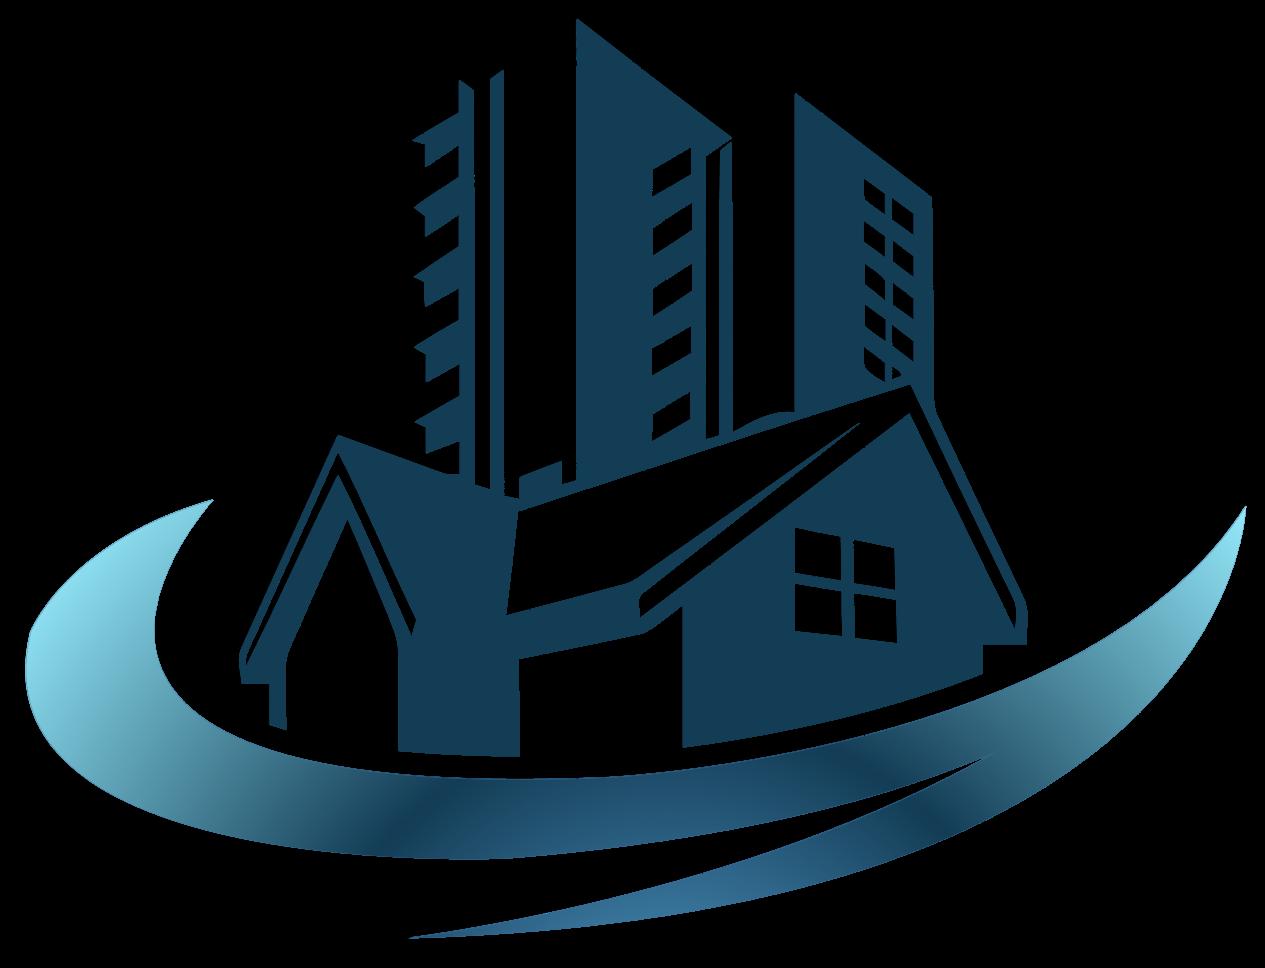 آلک | نیازمندیهای املاک اشتهارد